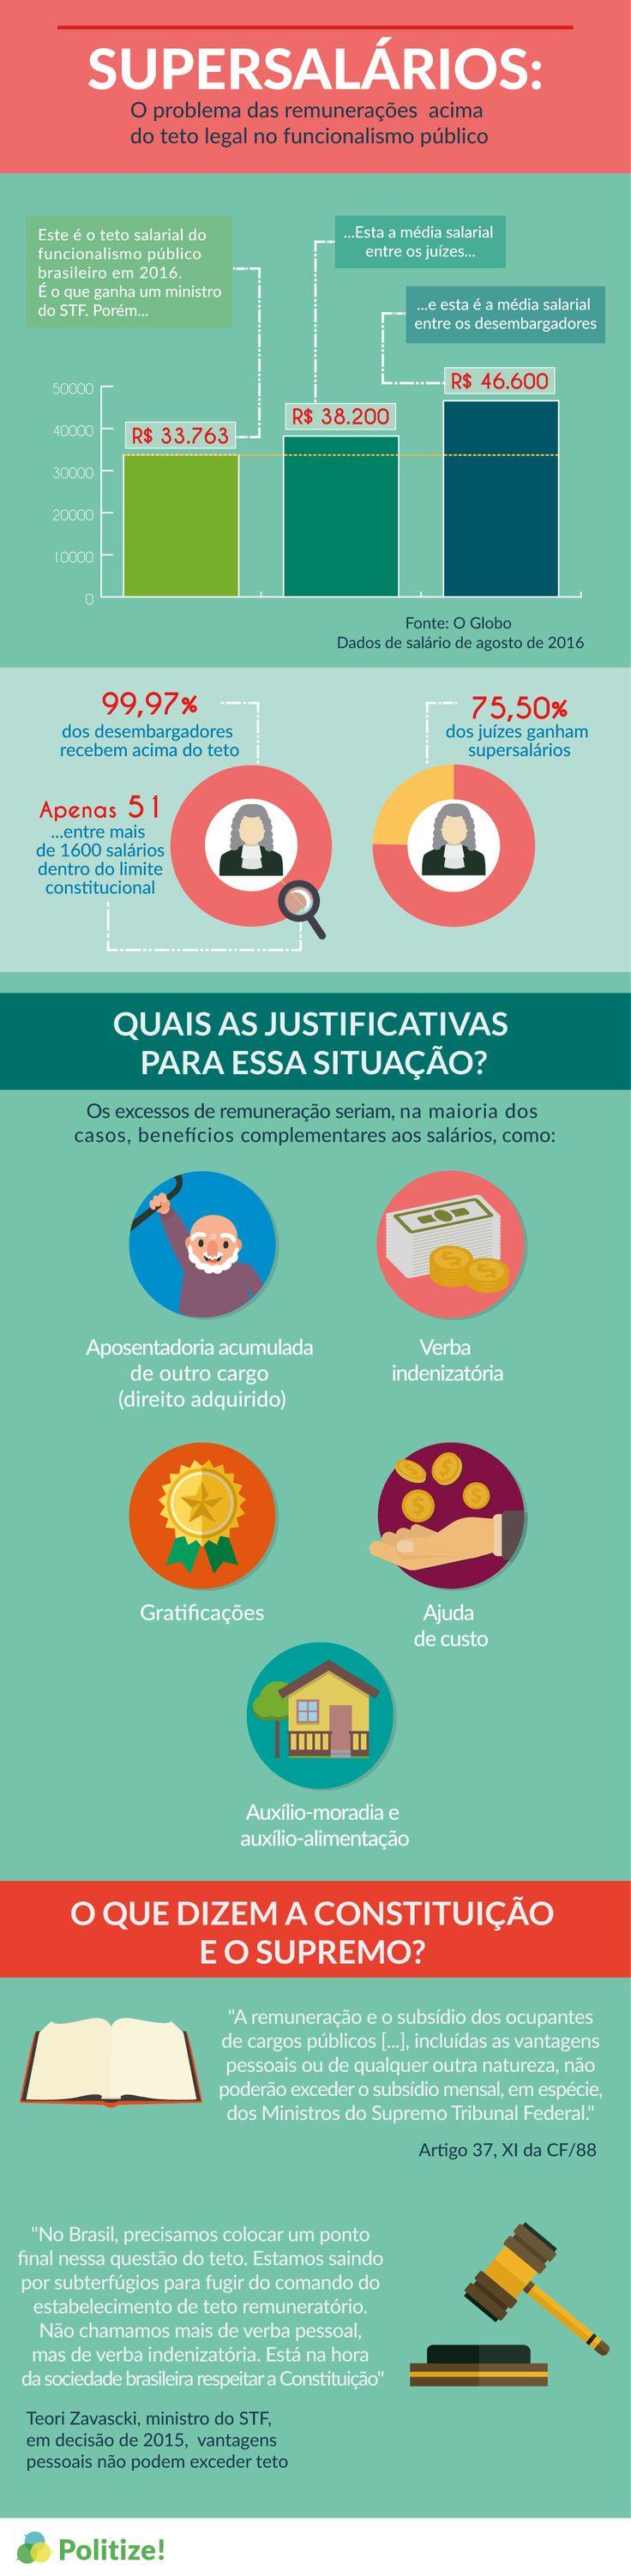 Neste post, vamos explicar o que se considera um supersalário do ponto de vista da Constituição e por que ainda há tantos desses excessos no funcionalismo público brasileiro. Confira: